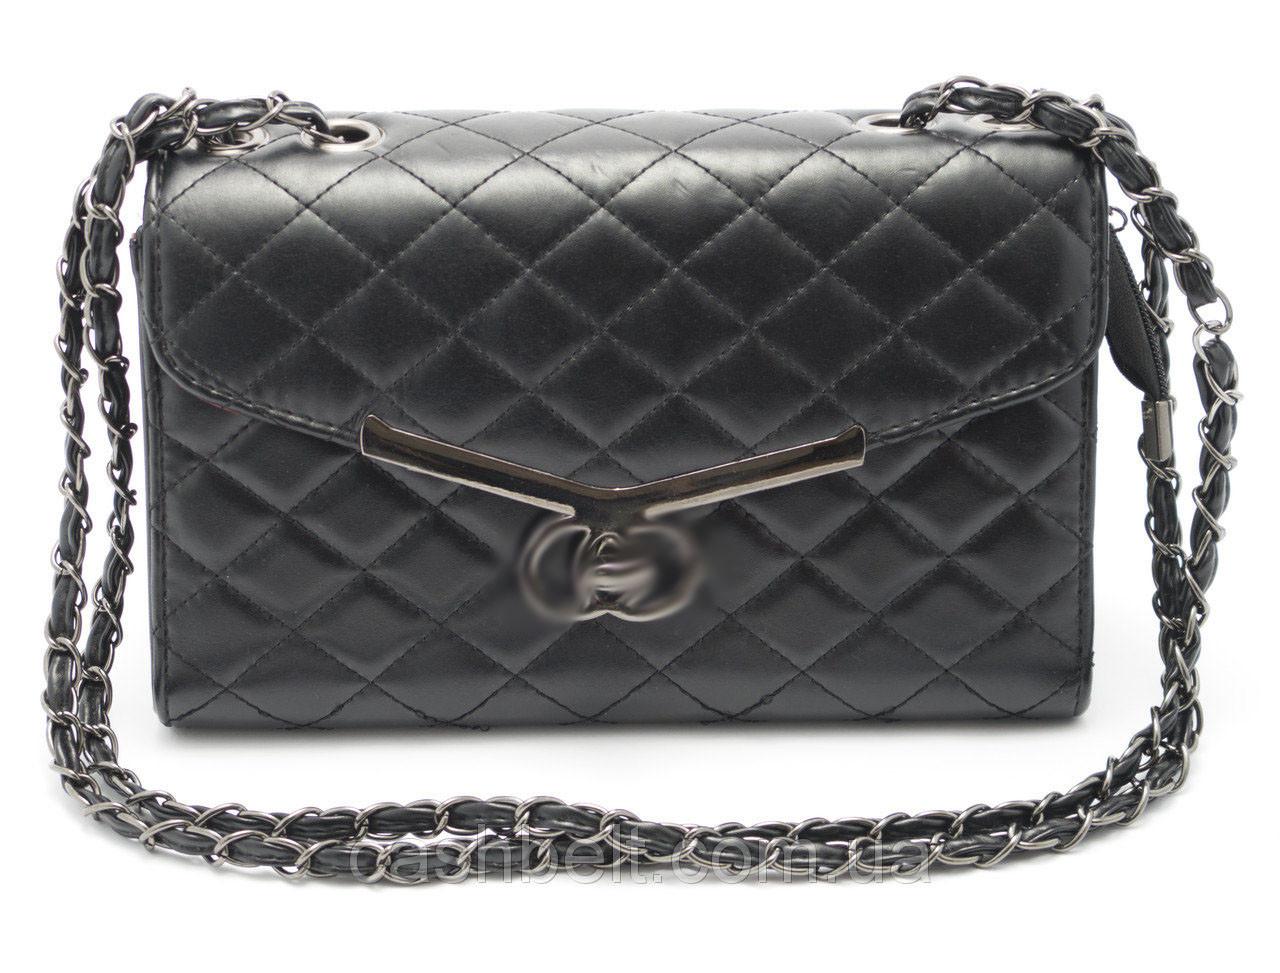 Оригинальный стеганый женский клатч-сумка Б/Н art. 923 черн